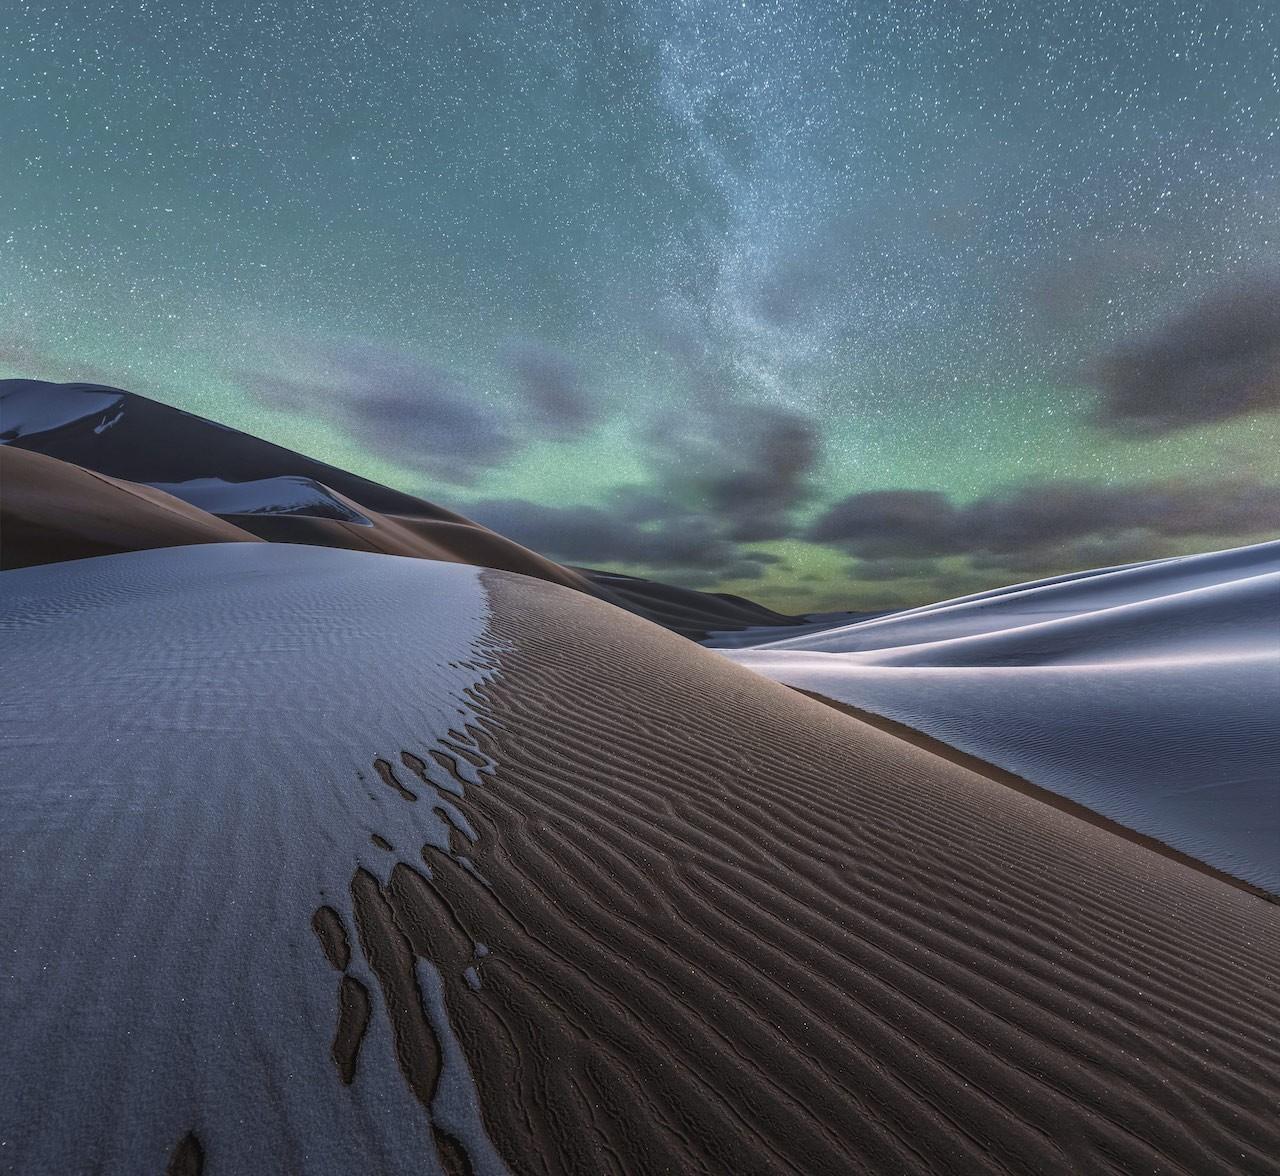 2 место в номинации «Пейзажный фотограф года» 2019. Звёзды, песок и снег. Автор Ян Гуан